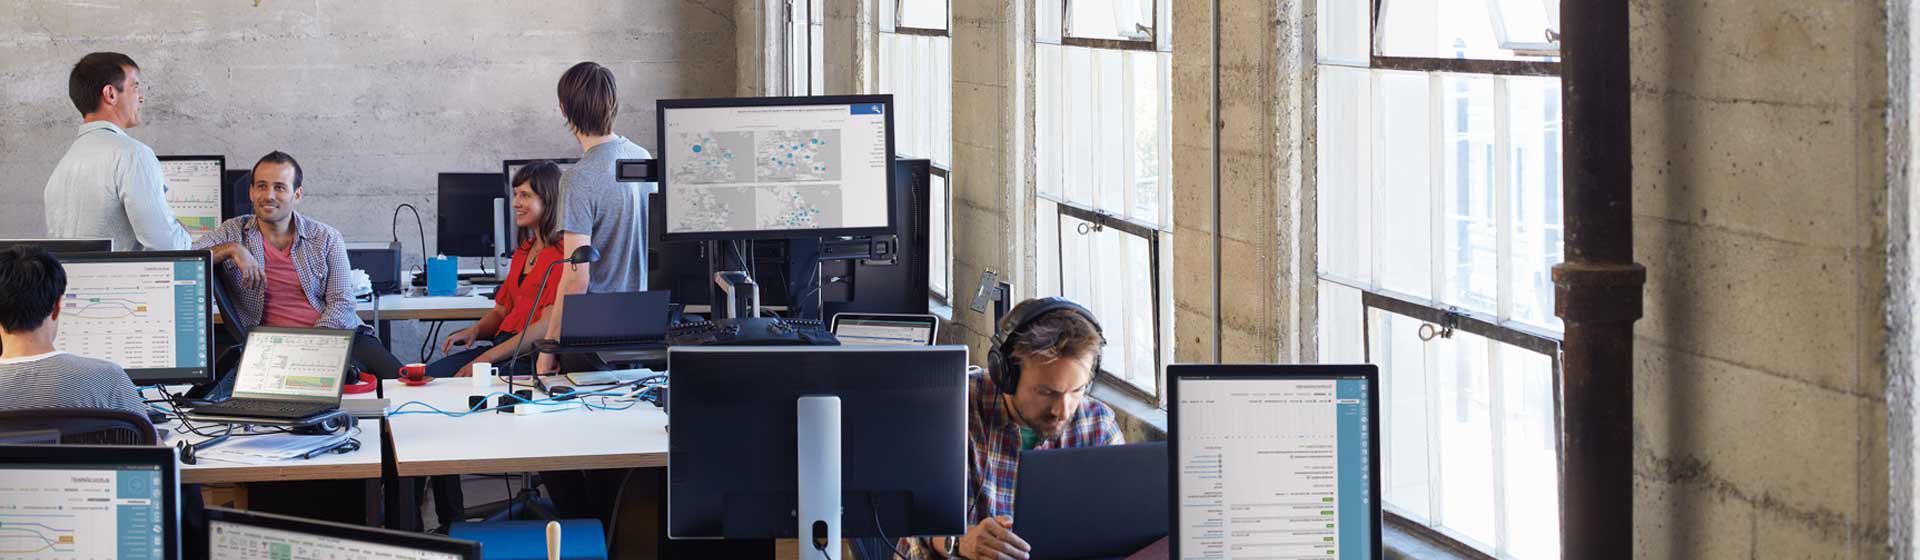 קבוצת עמיתים שיושבים ועומדים מסביב לשולחנות במשרד מלא במחשבים שפועל בהם Office 365